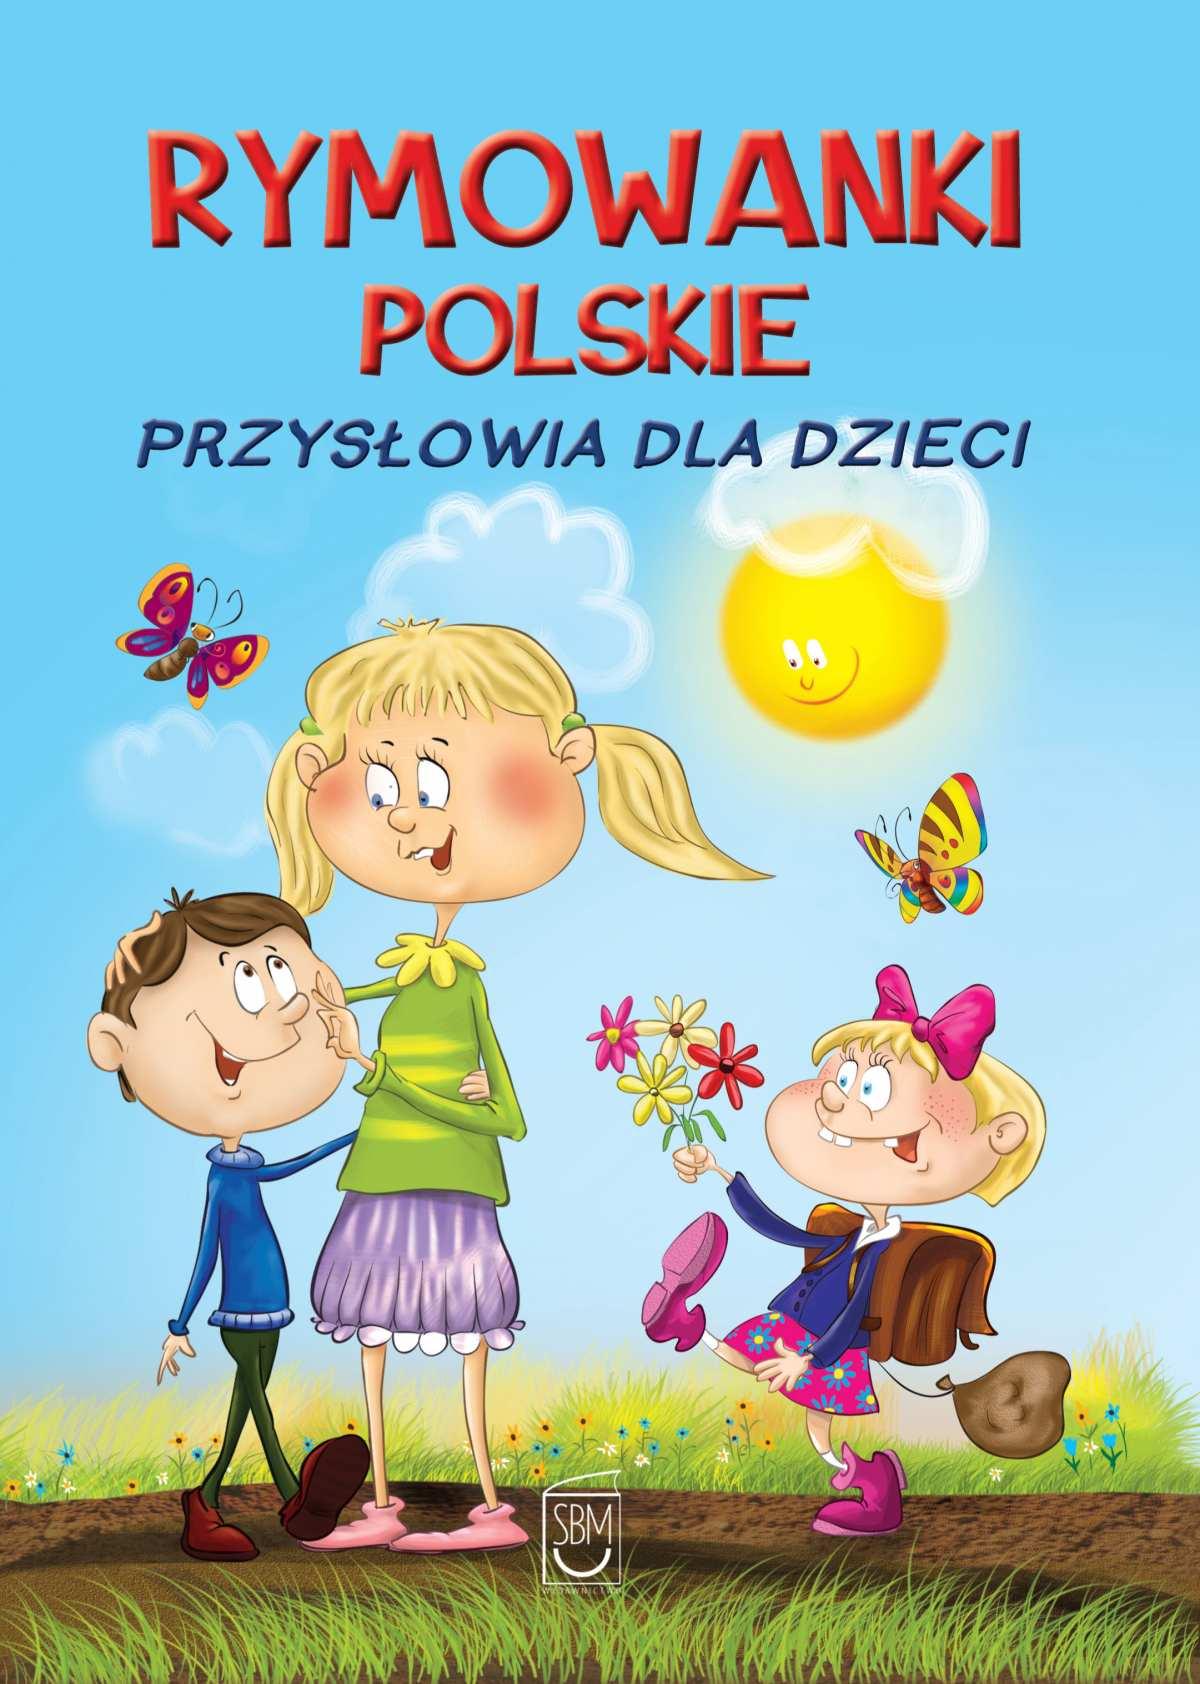 Rymowanki polskie. Przysłowia dla dzieci - Ebook (Książka PDF) do pobrania w formacie PDF